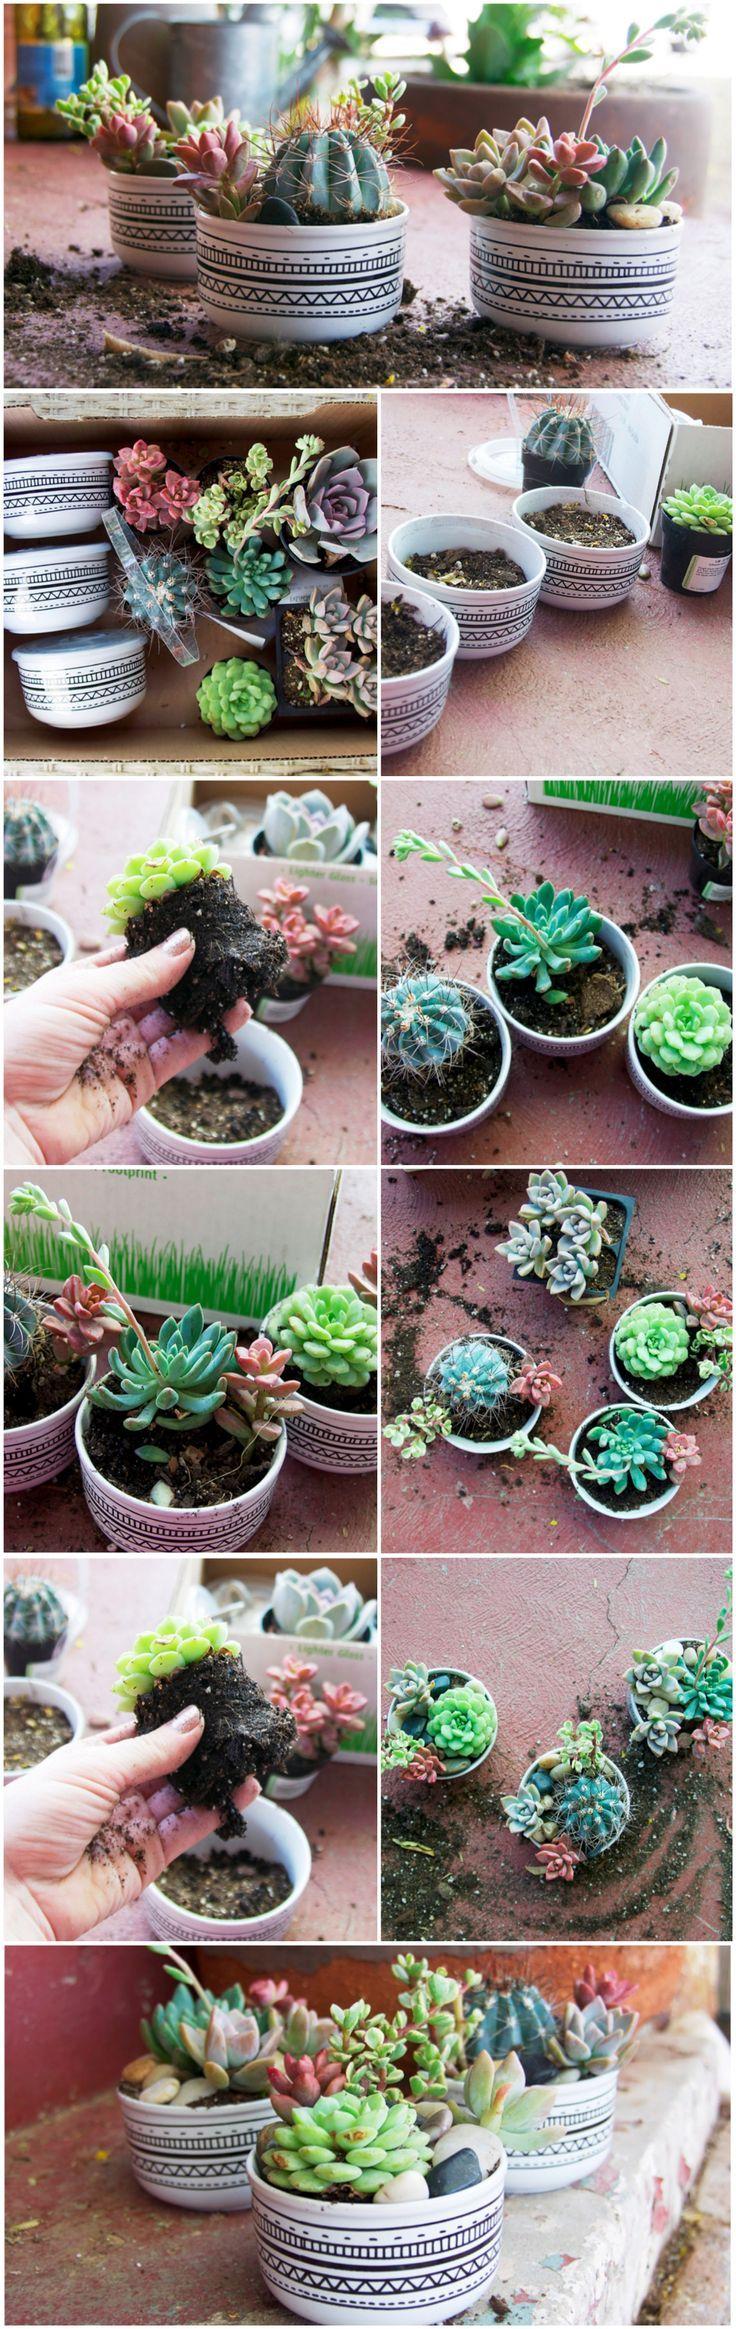 A Succulent Affair with Mini Arrangements -